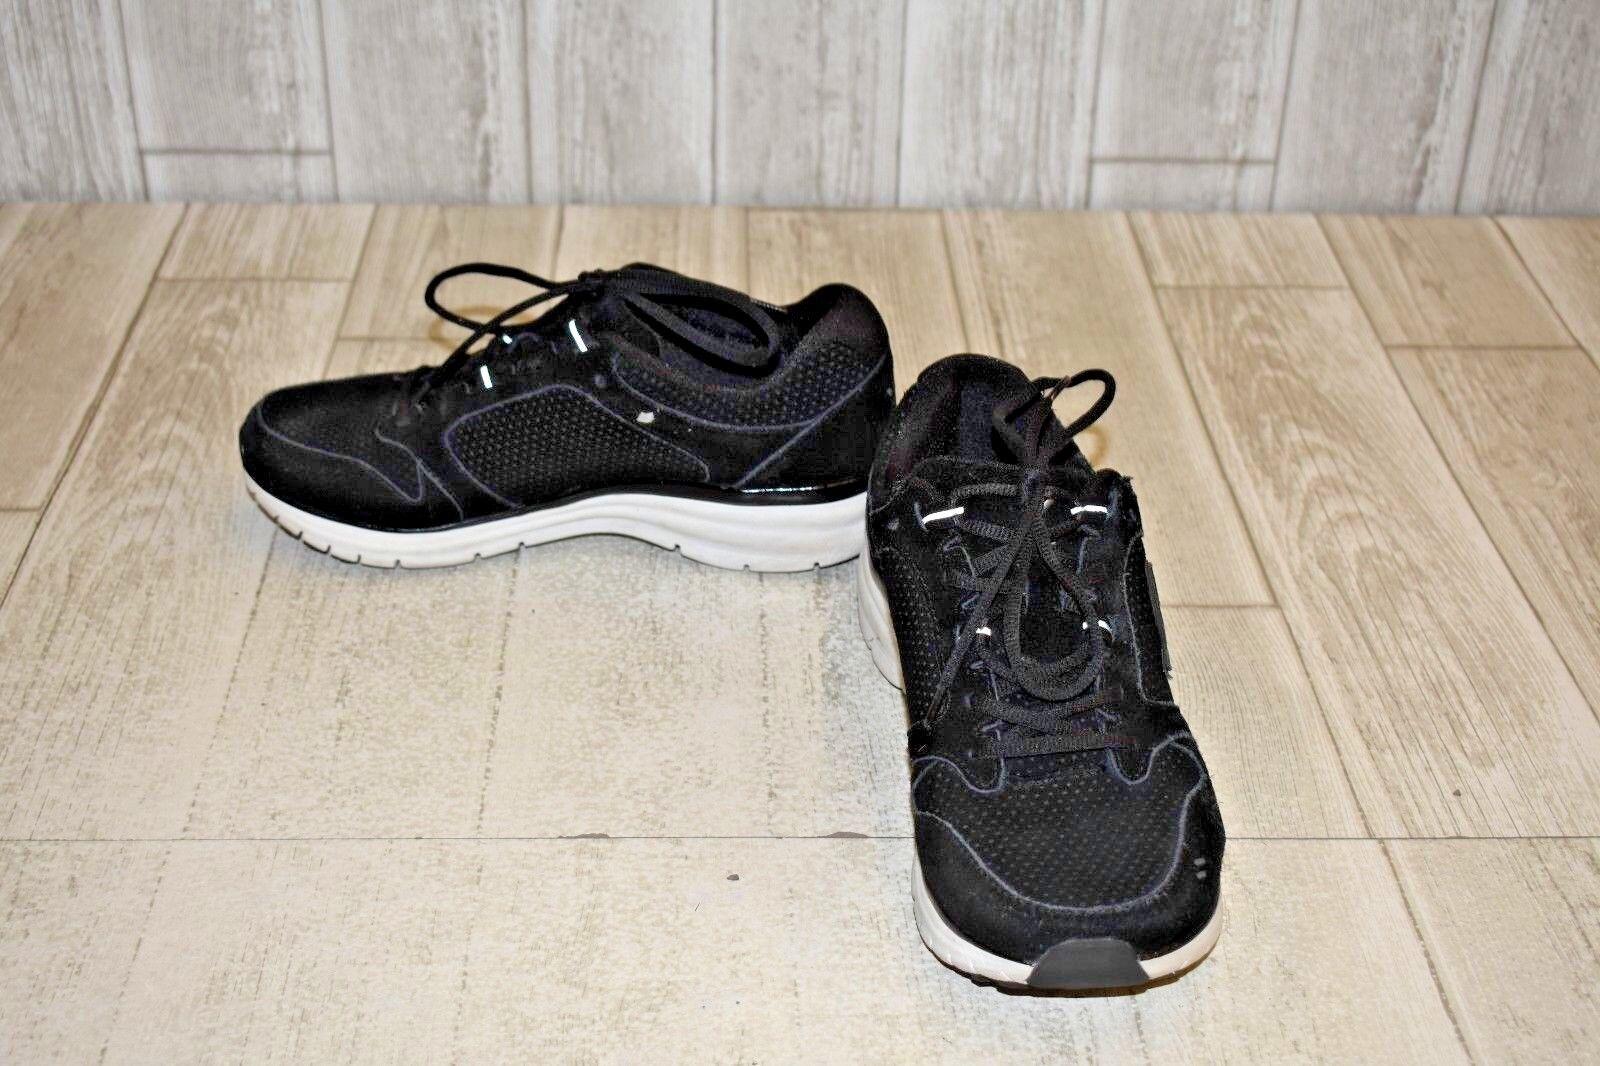 Vionic Revive Zapatos para caminar, para hombres Negro